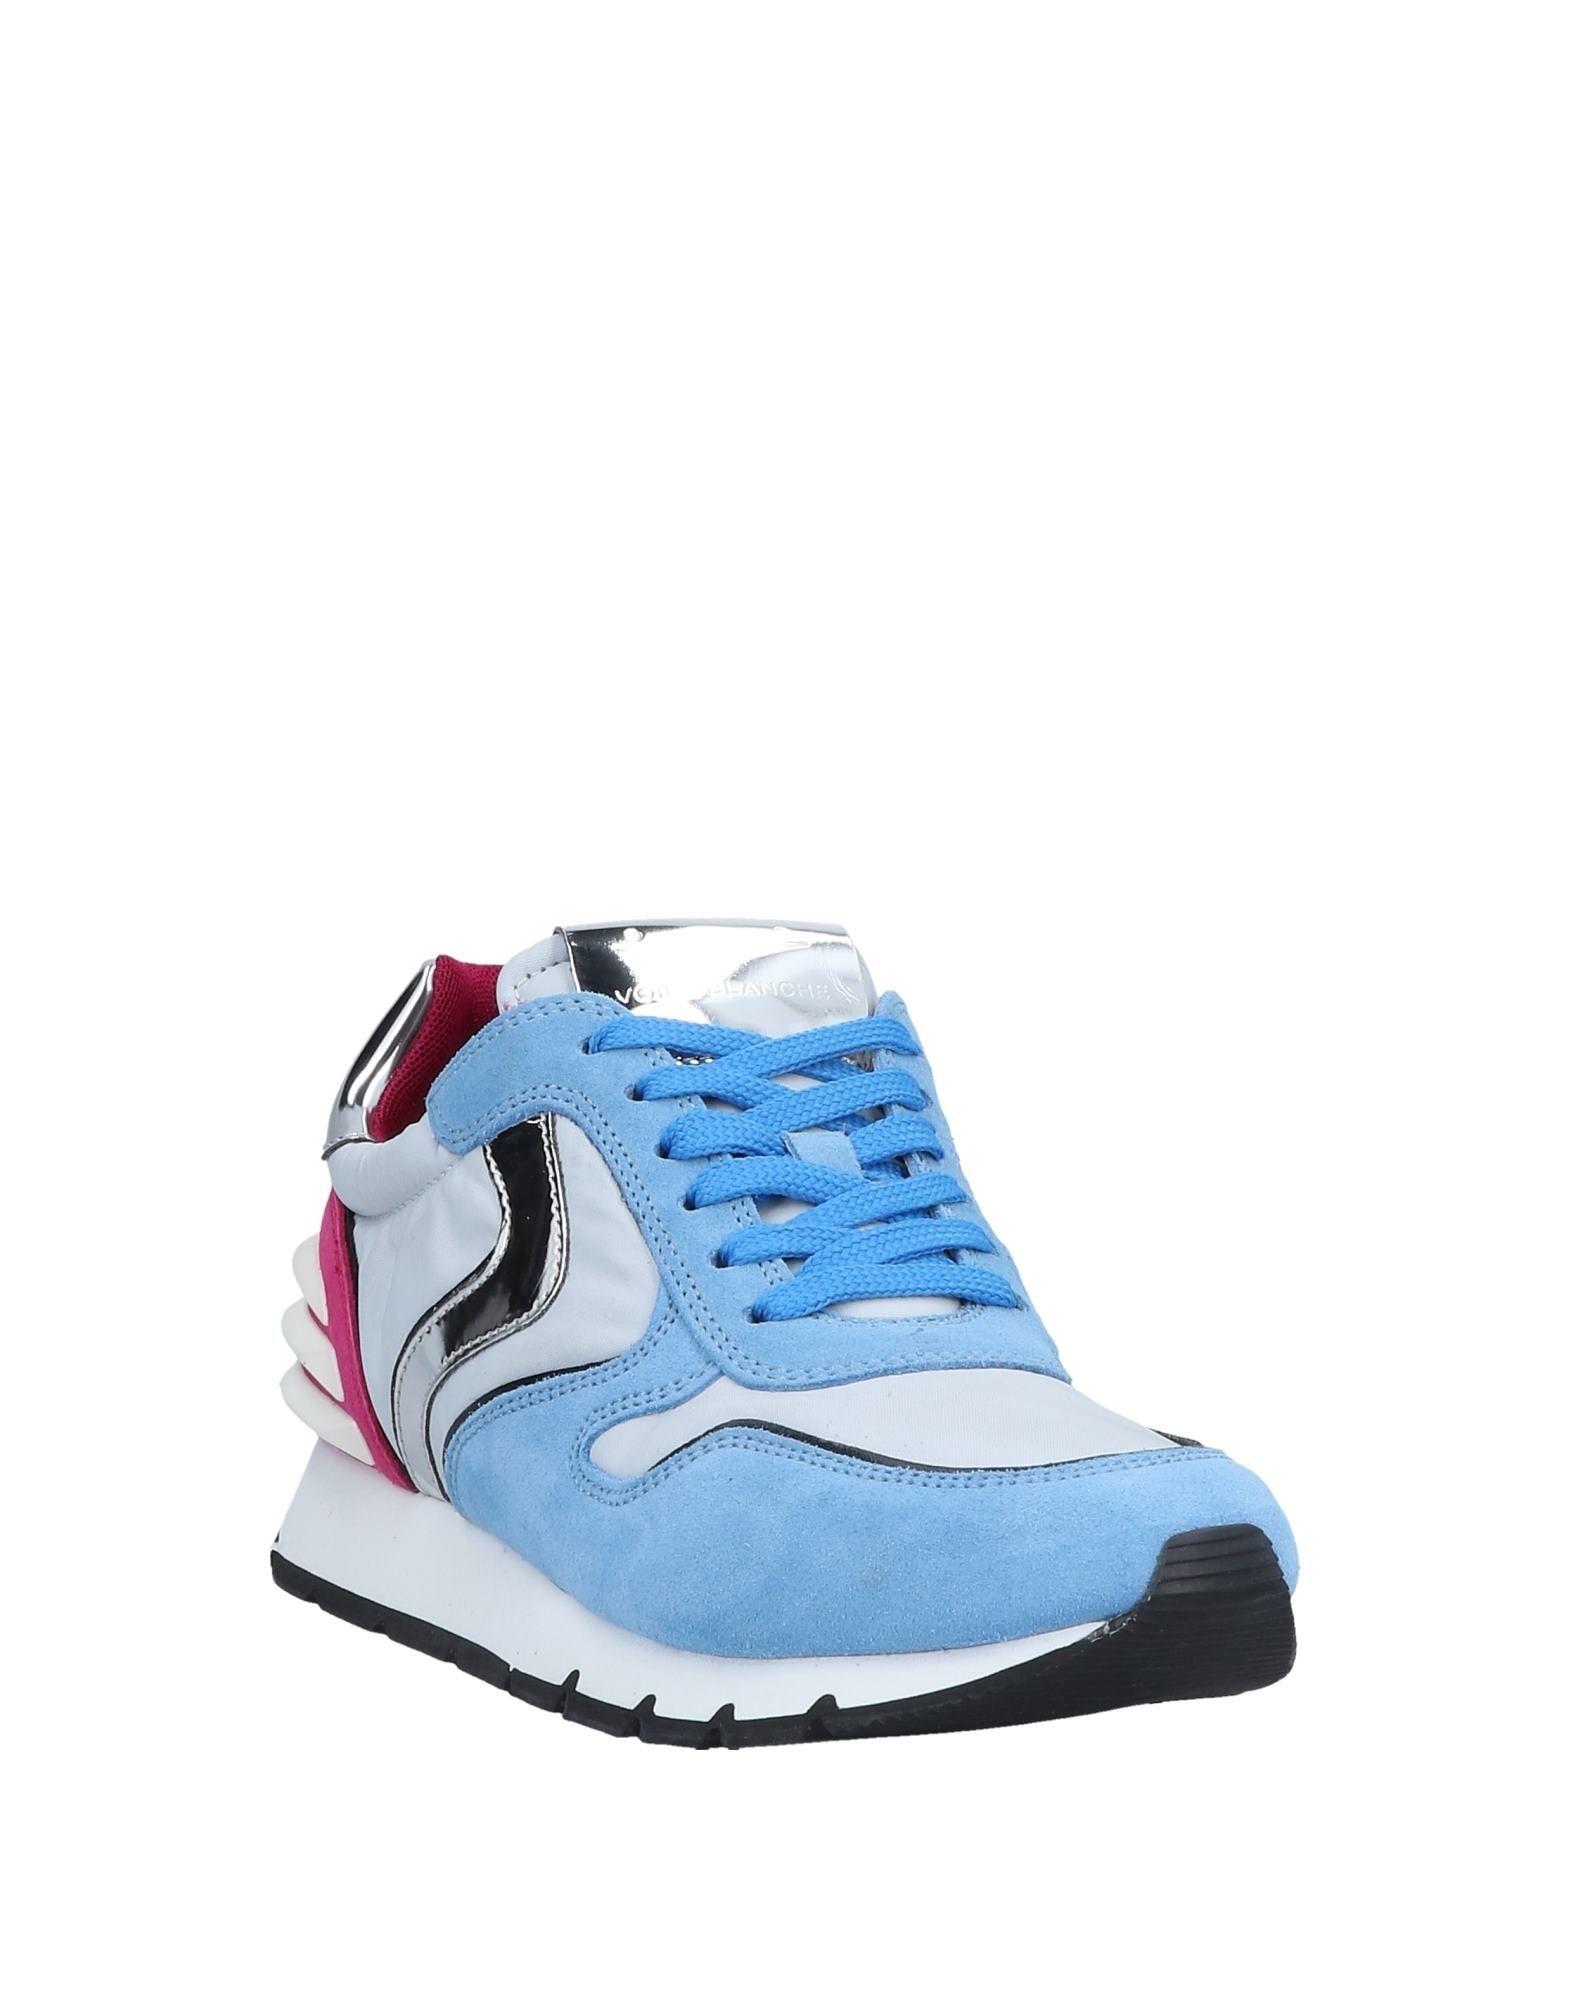 Stilvolle billige Schuhe Voile Blanche 11565297DW Sneakers Damen  11565297DW Blanche c453b8